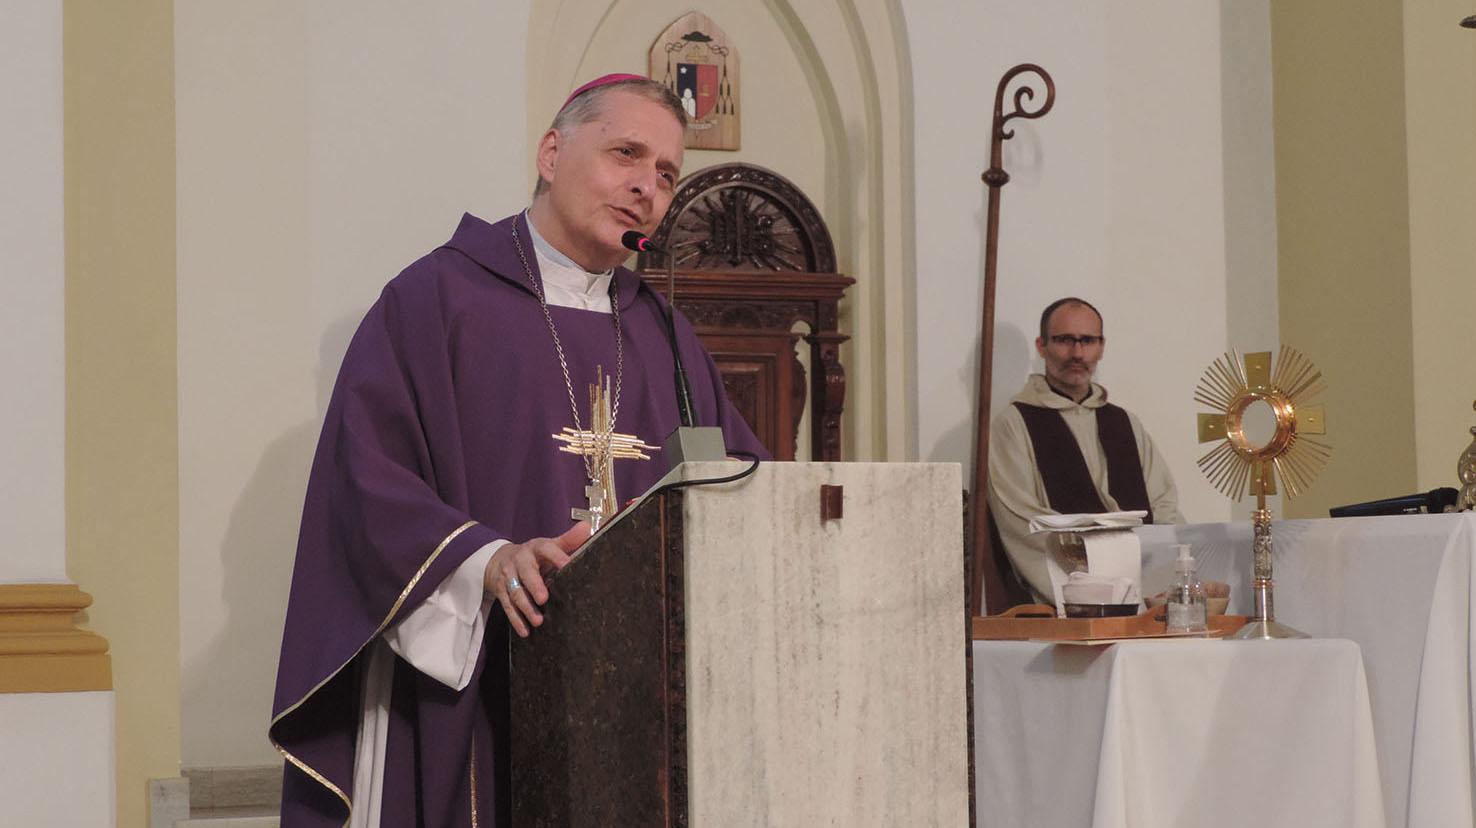 El obispo convoca a buscar motivos y generar espacios de encuentro